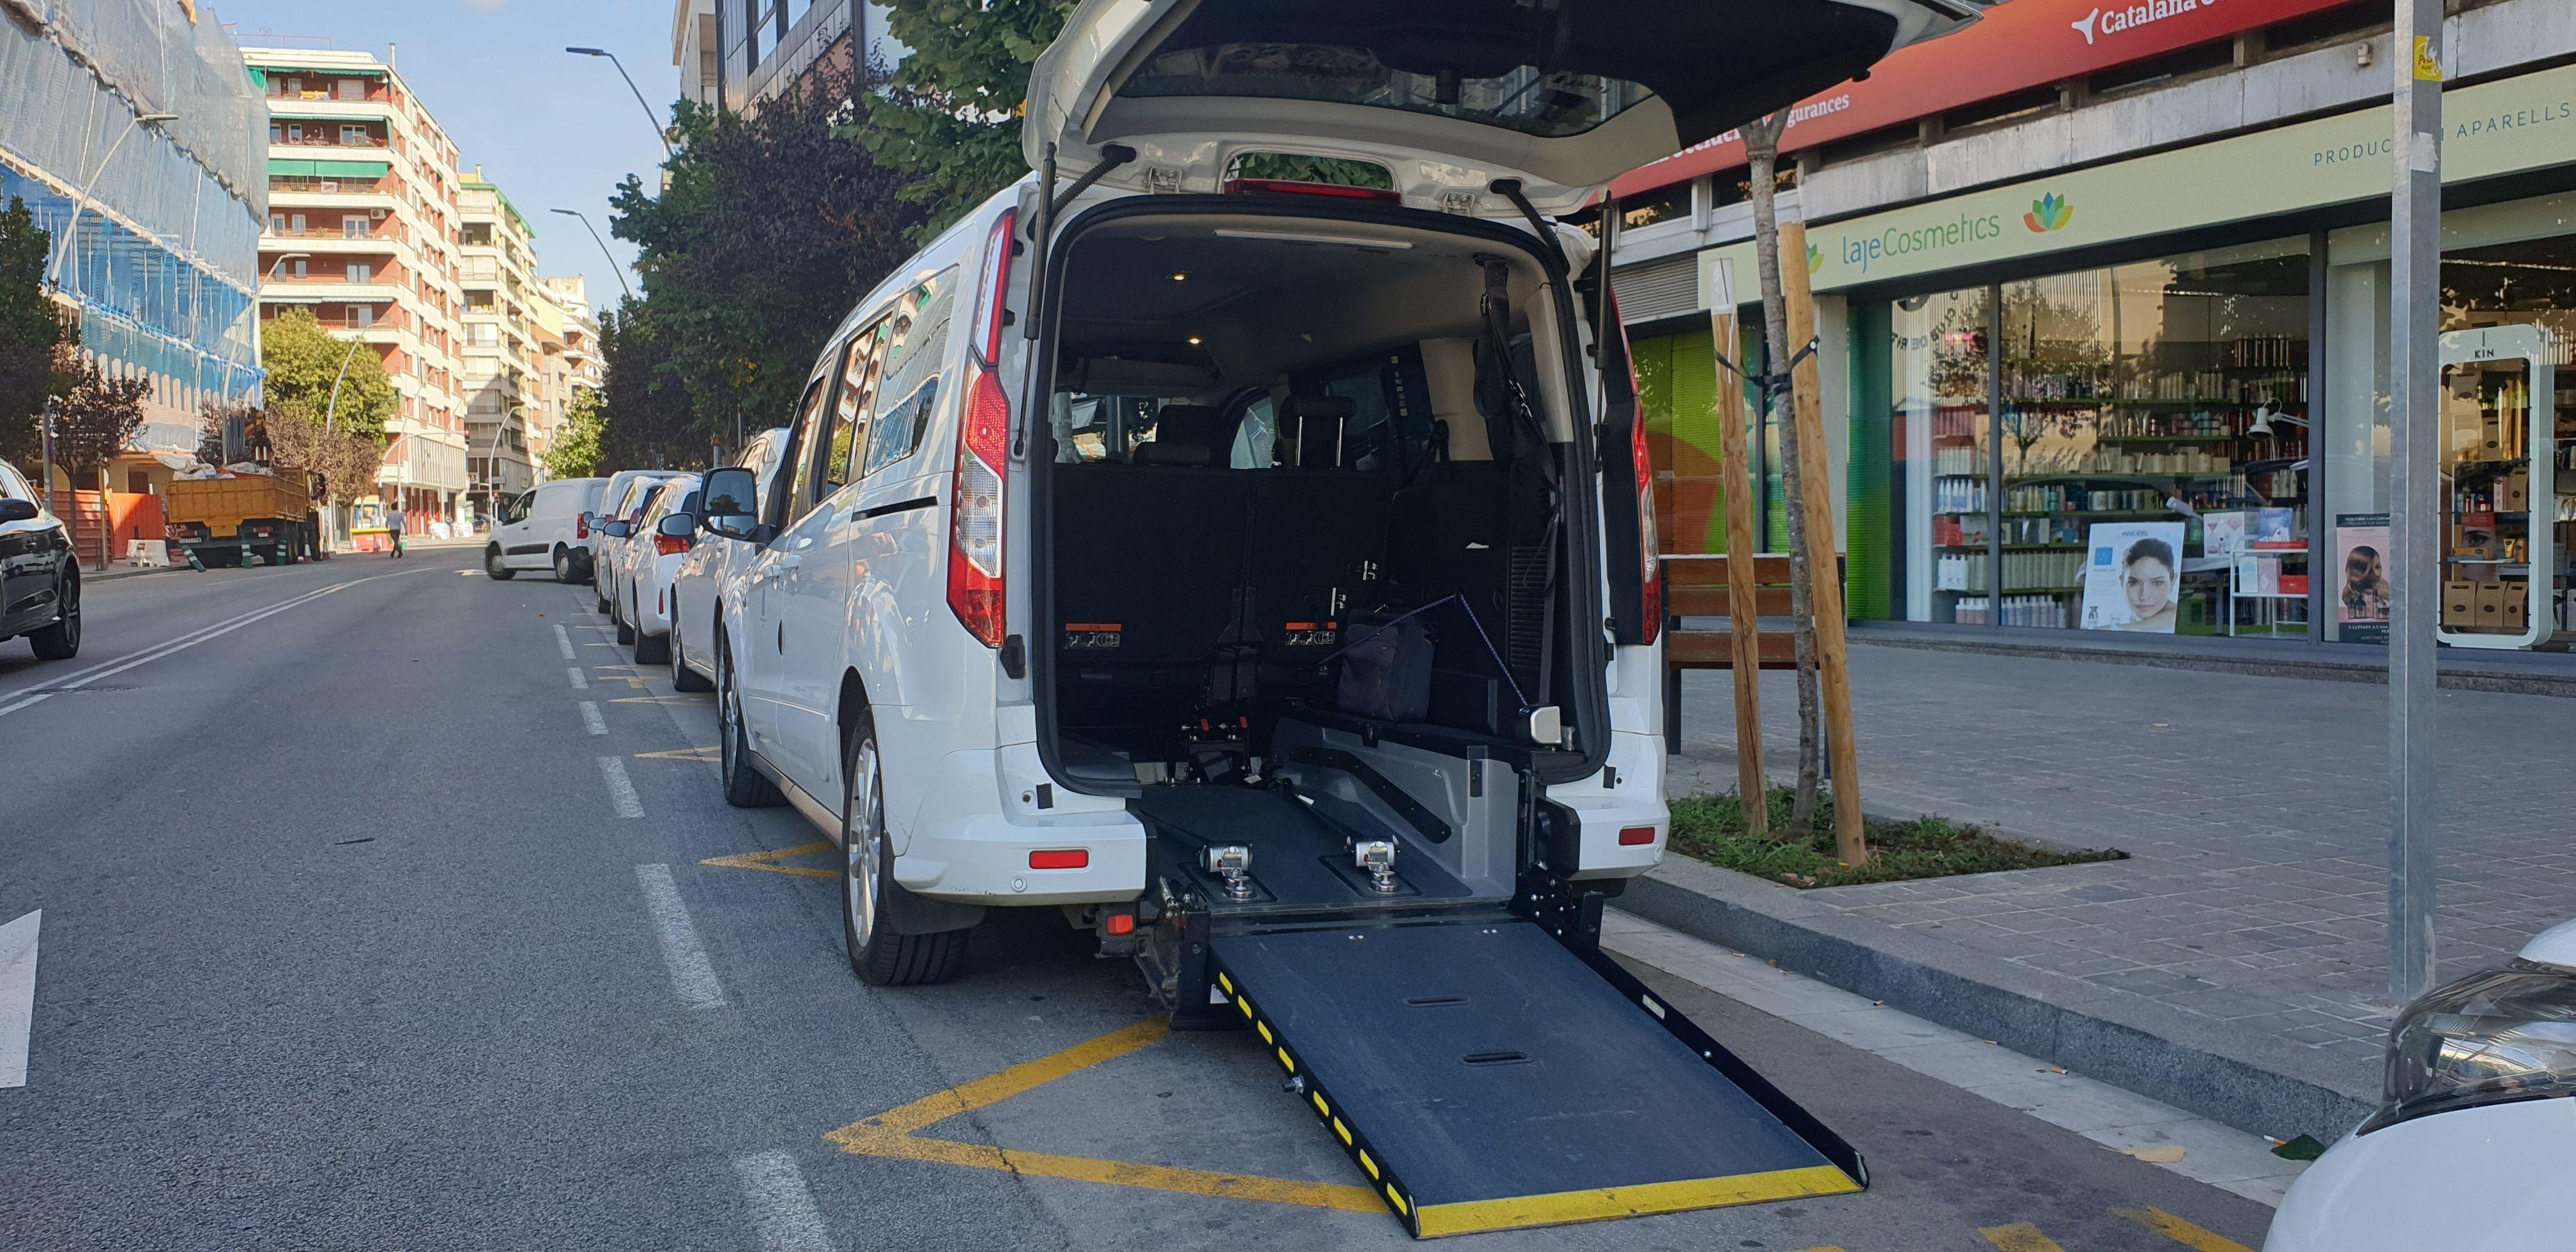 Paquetes, documentos y flores: Servicios de Taxis Granollers